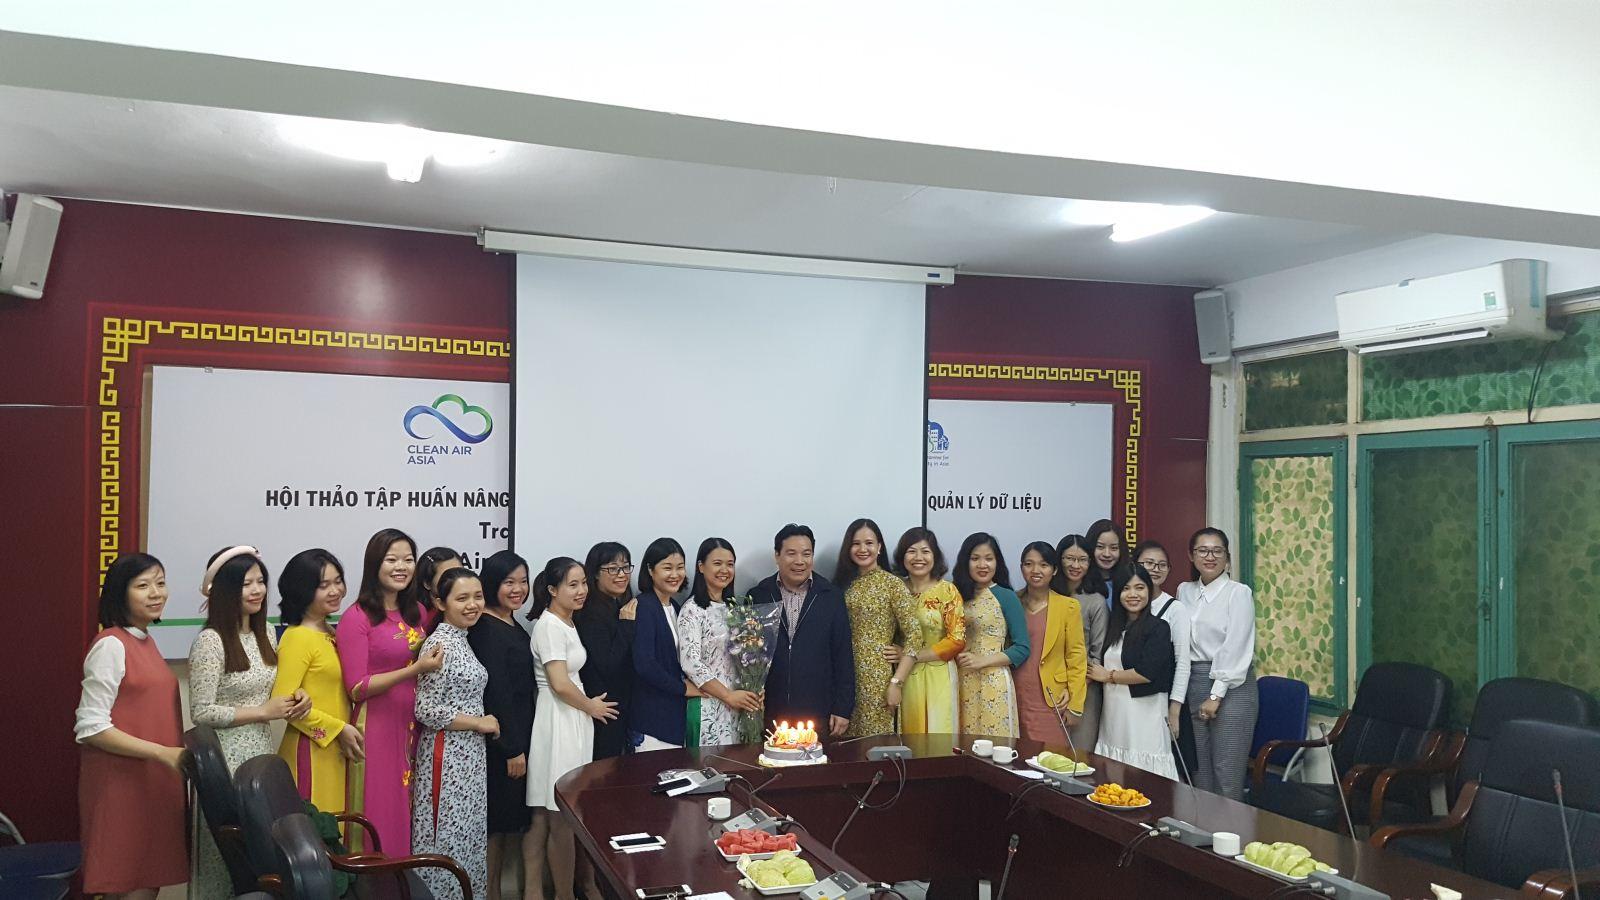 Lãnh đạo Trung tâm chúc mừng cán bộ nữ nhân ngày 20/10